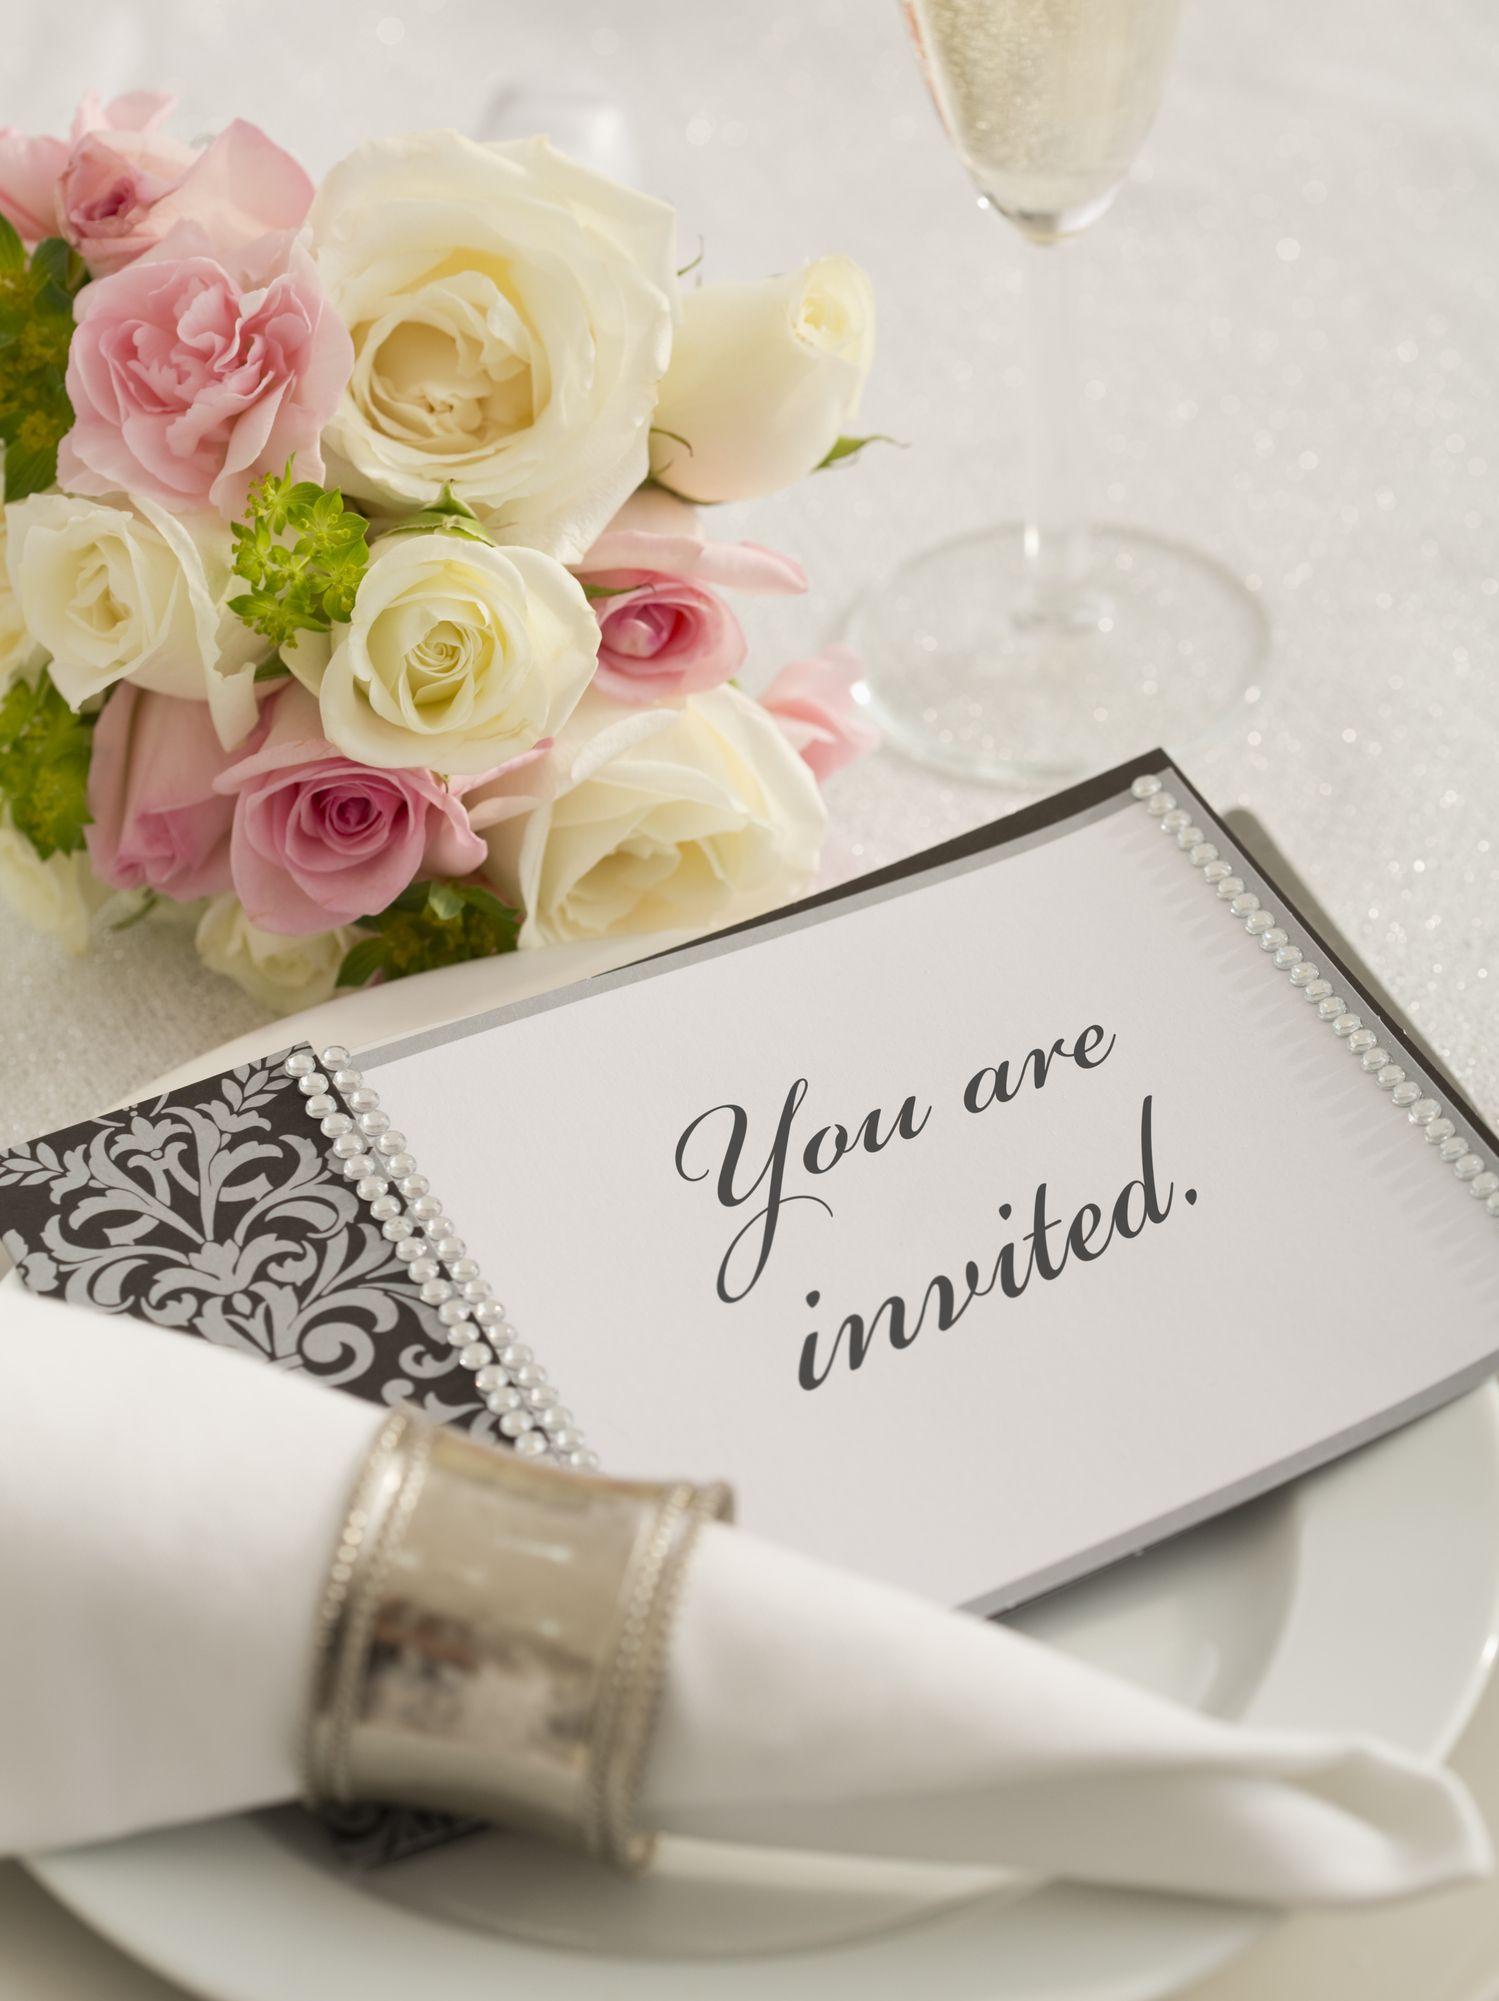 10 Faux Pas To Avoid This Wedding Season - Wedding Etiquette